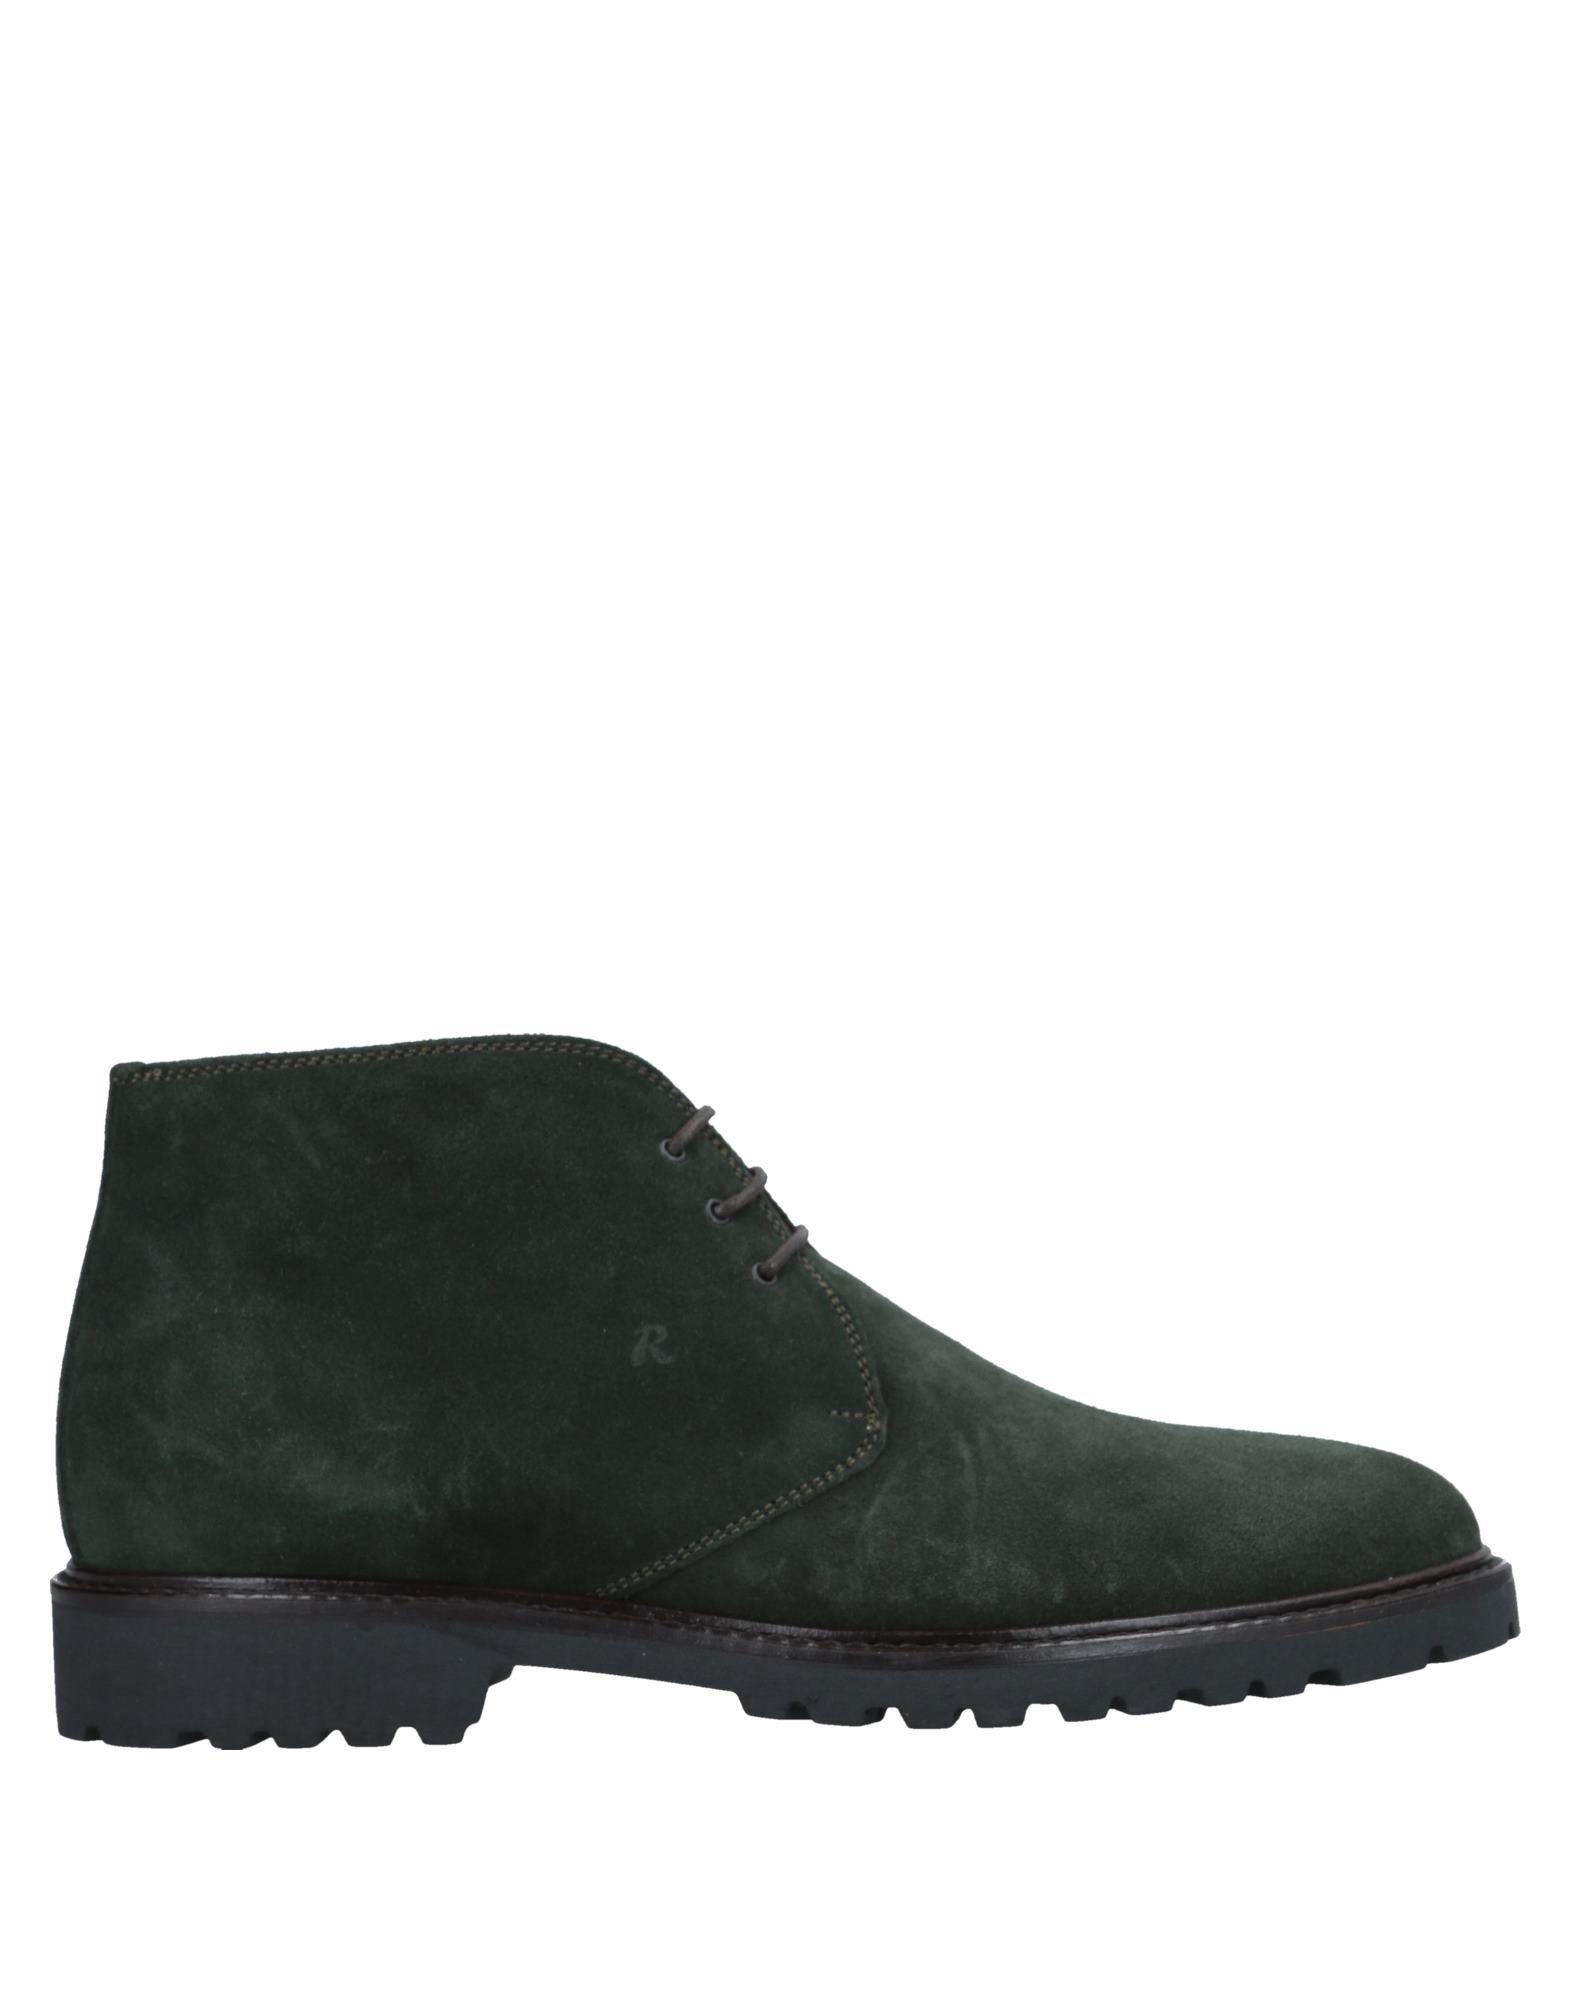 Rabatt echte Schuhe Reporter Stiefelette Herren  11543294TK